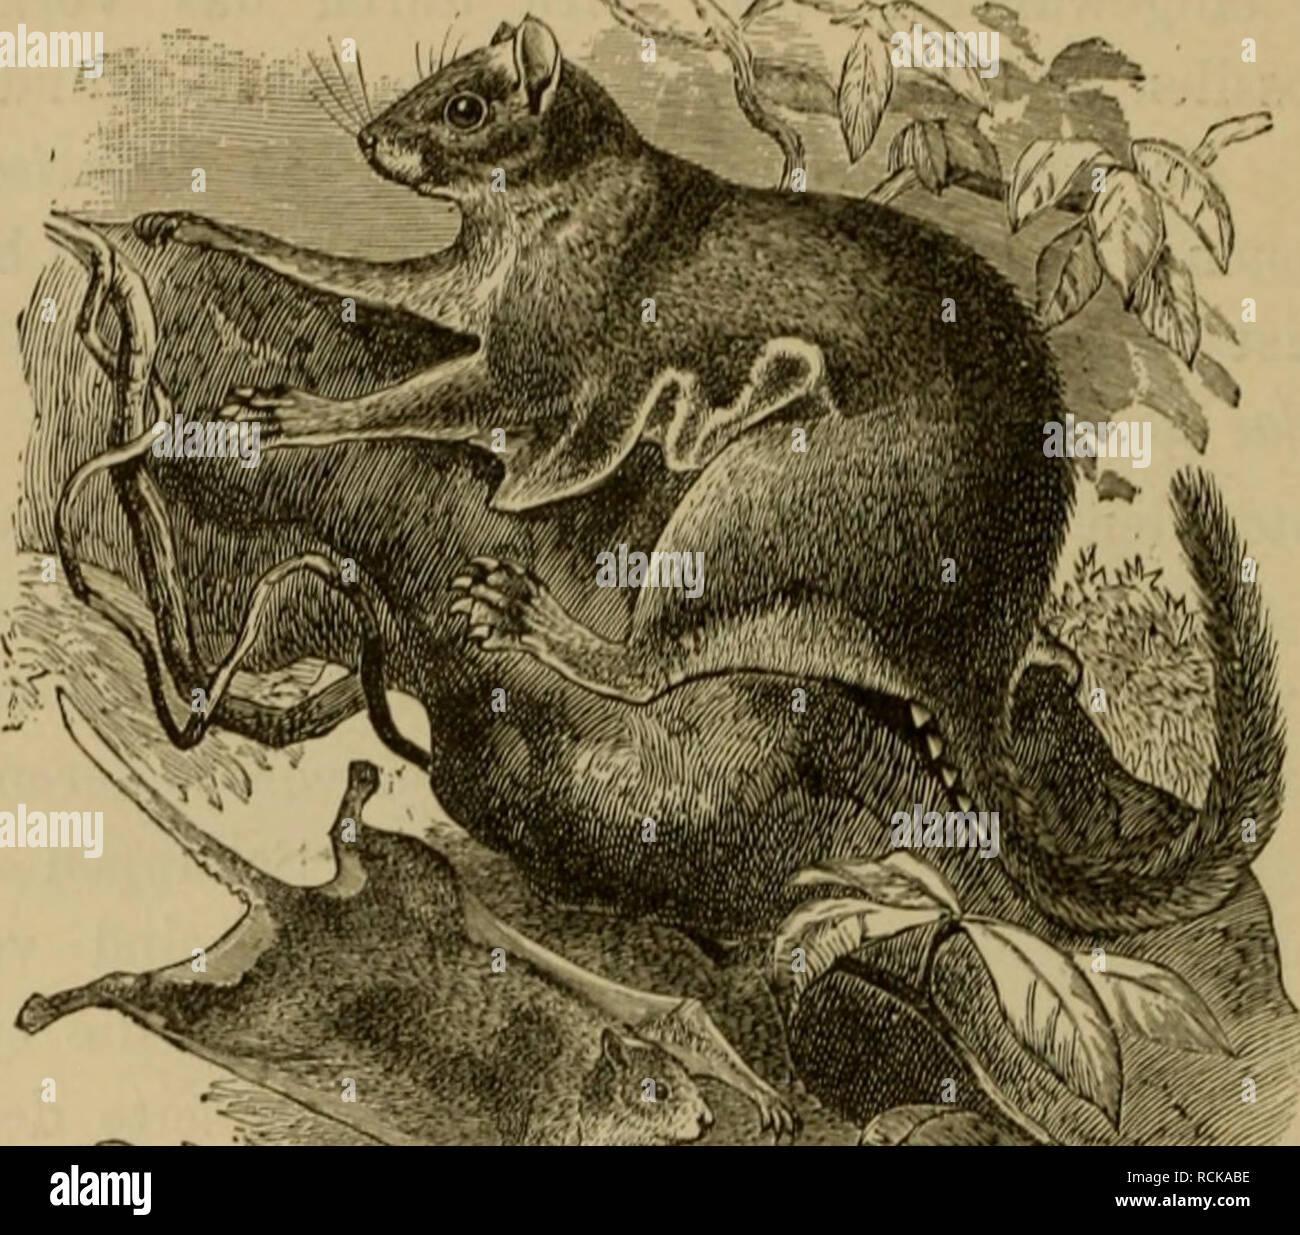 """. Die geographische Verbreitung und geologische Entwickelung der Säugetiere. Zoogeography; Mammals; Mammals, Fossil. — 324 — Vorkommen einer ausgestorbenen Art im französischen Mioeän bewiesen wird. Schlafmäuse (Myoxidae) sind in Aethiopien sehr zahlreich vertreten, und wenn man die Familie in mehr als zwei Gattungen zerlegen will, so ist die Gattung Graphiurus, die durch den kurzen, cylindrischen quastenförmigen Schwanz sowie durch den einfachen Bau. Fig. .""""iö, Glänzended afrikaiiisclies KlugcichliöriicIiL'ii (Aiioiiialiirus fiiUjens). der Molaren charakterisiert ist, dieser Region eigen - Stock Image"""